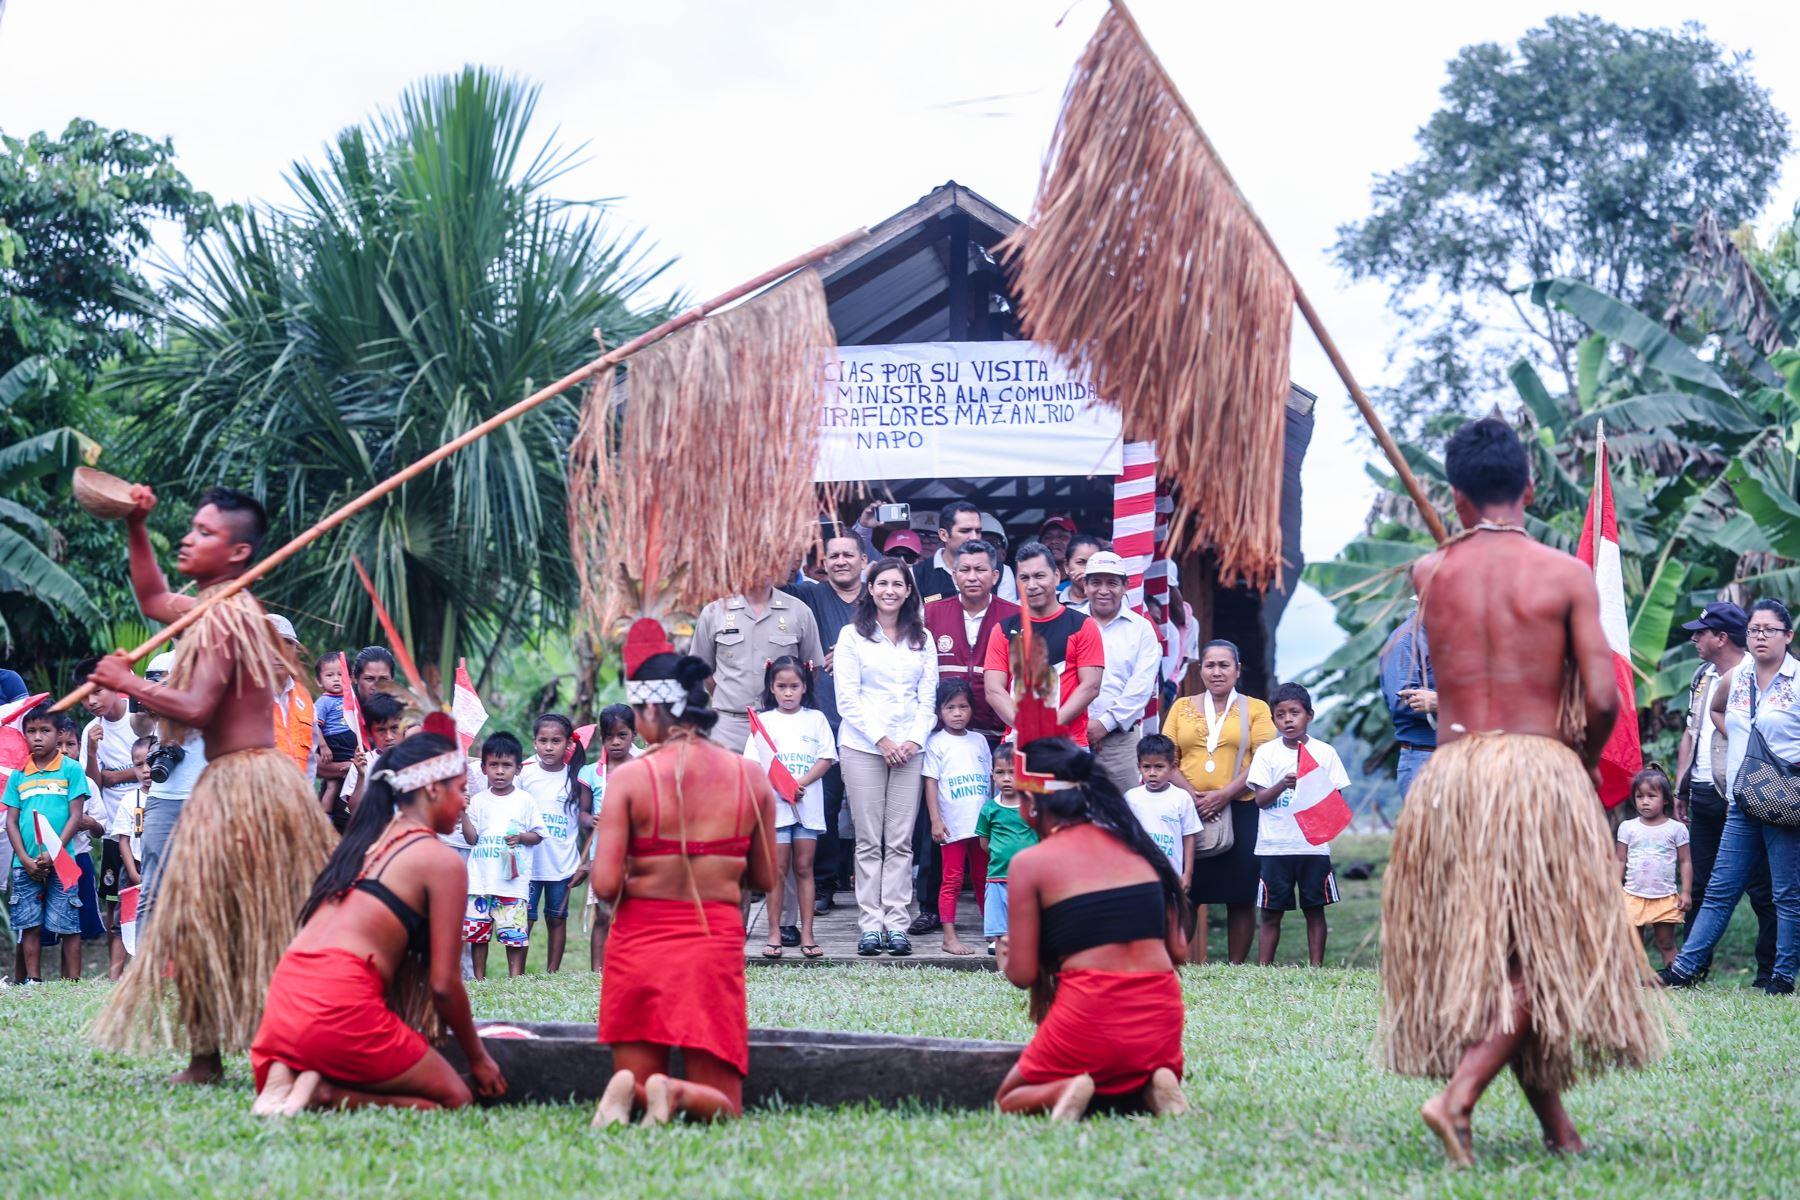 Angela Grossheim llegó a la alejada comunidad de Miraflores, a más de dos horas de Iquitos, por vía fluvial. En el lugar participó de una emblemática ceremonia junto al alcalde del distrito de Mazán, Eduard Reátegui.